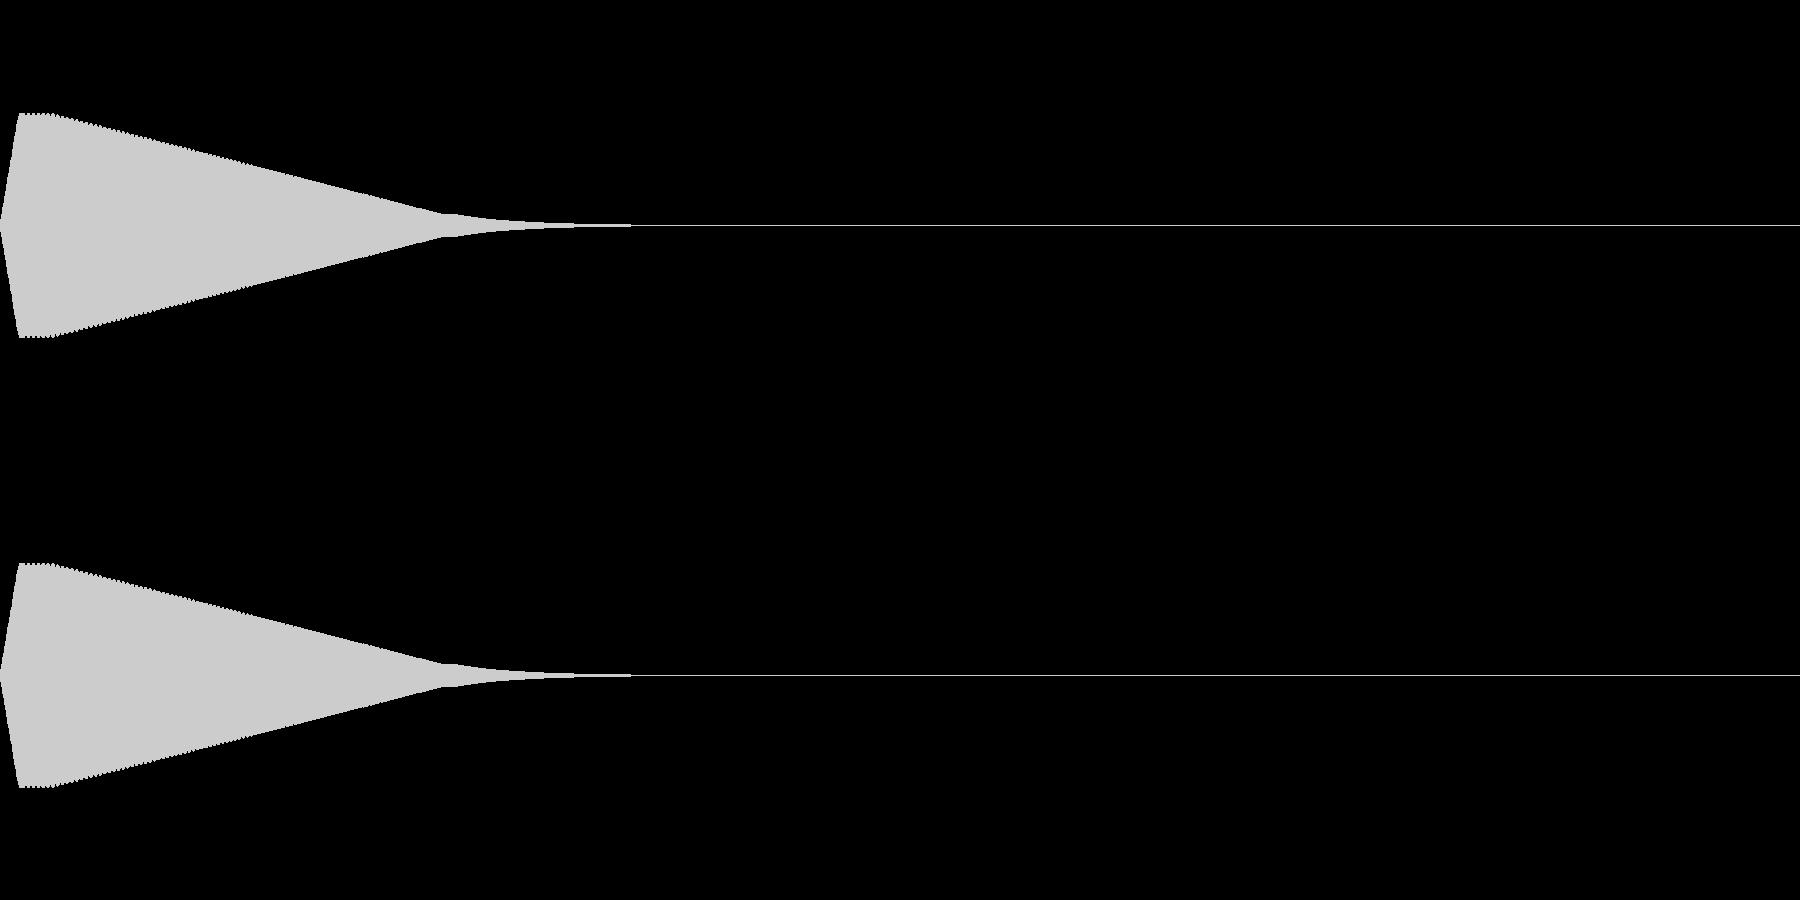 ピーン(ゲームの効果音、選択音)の未再生の波形